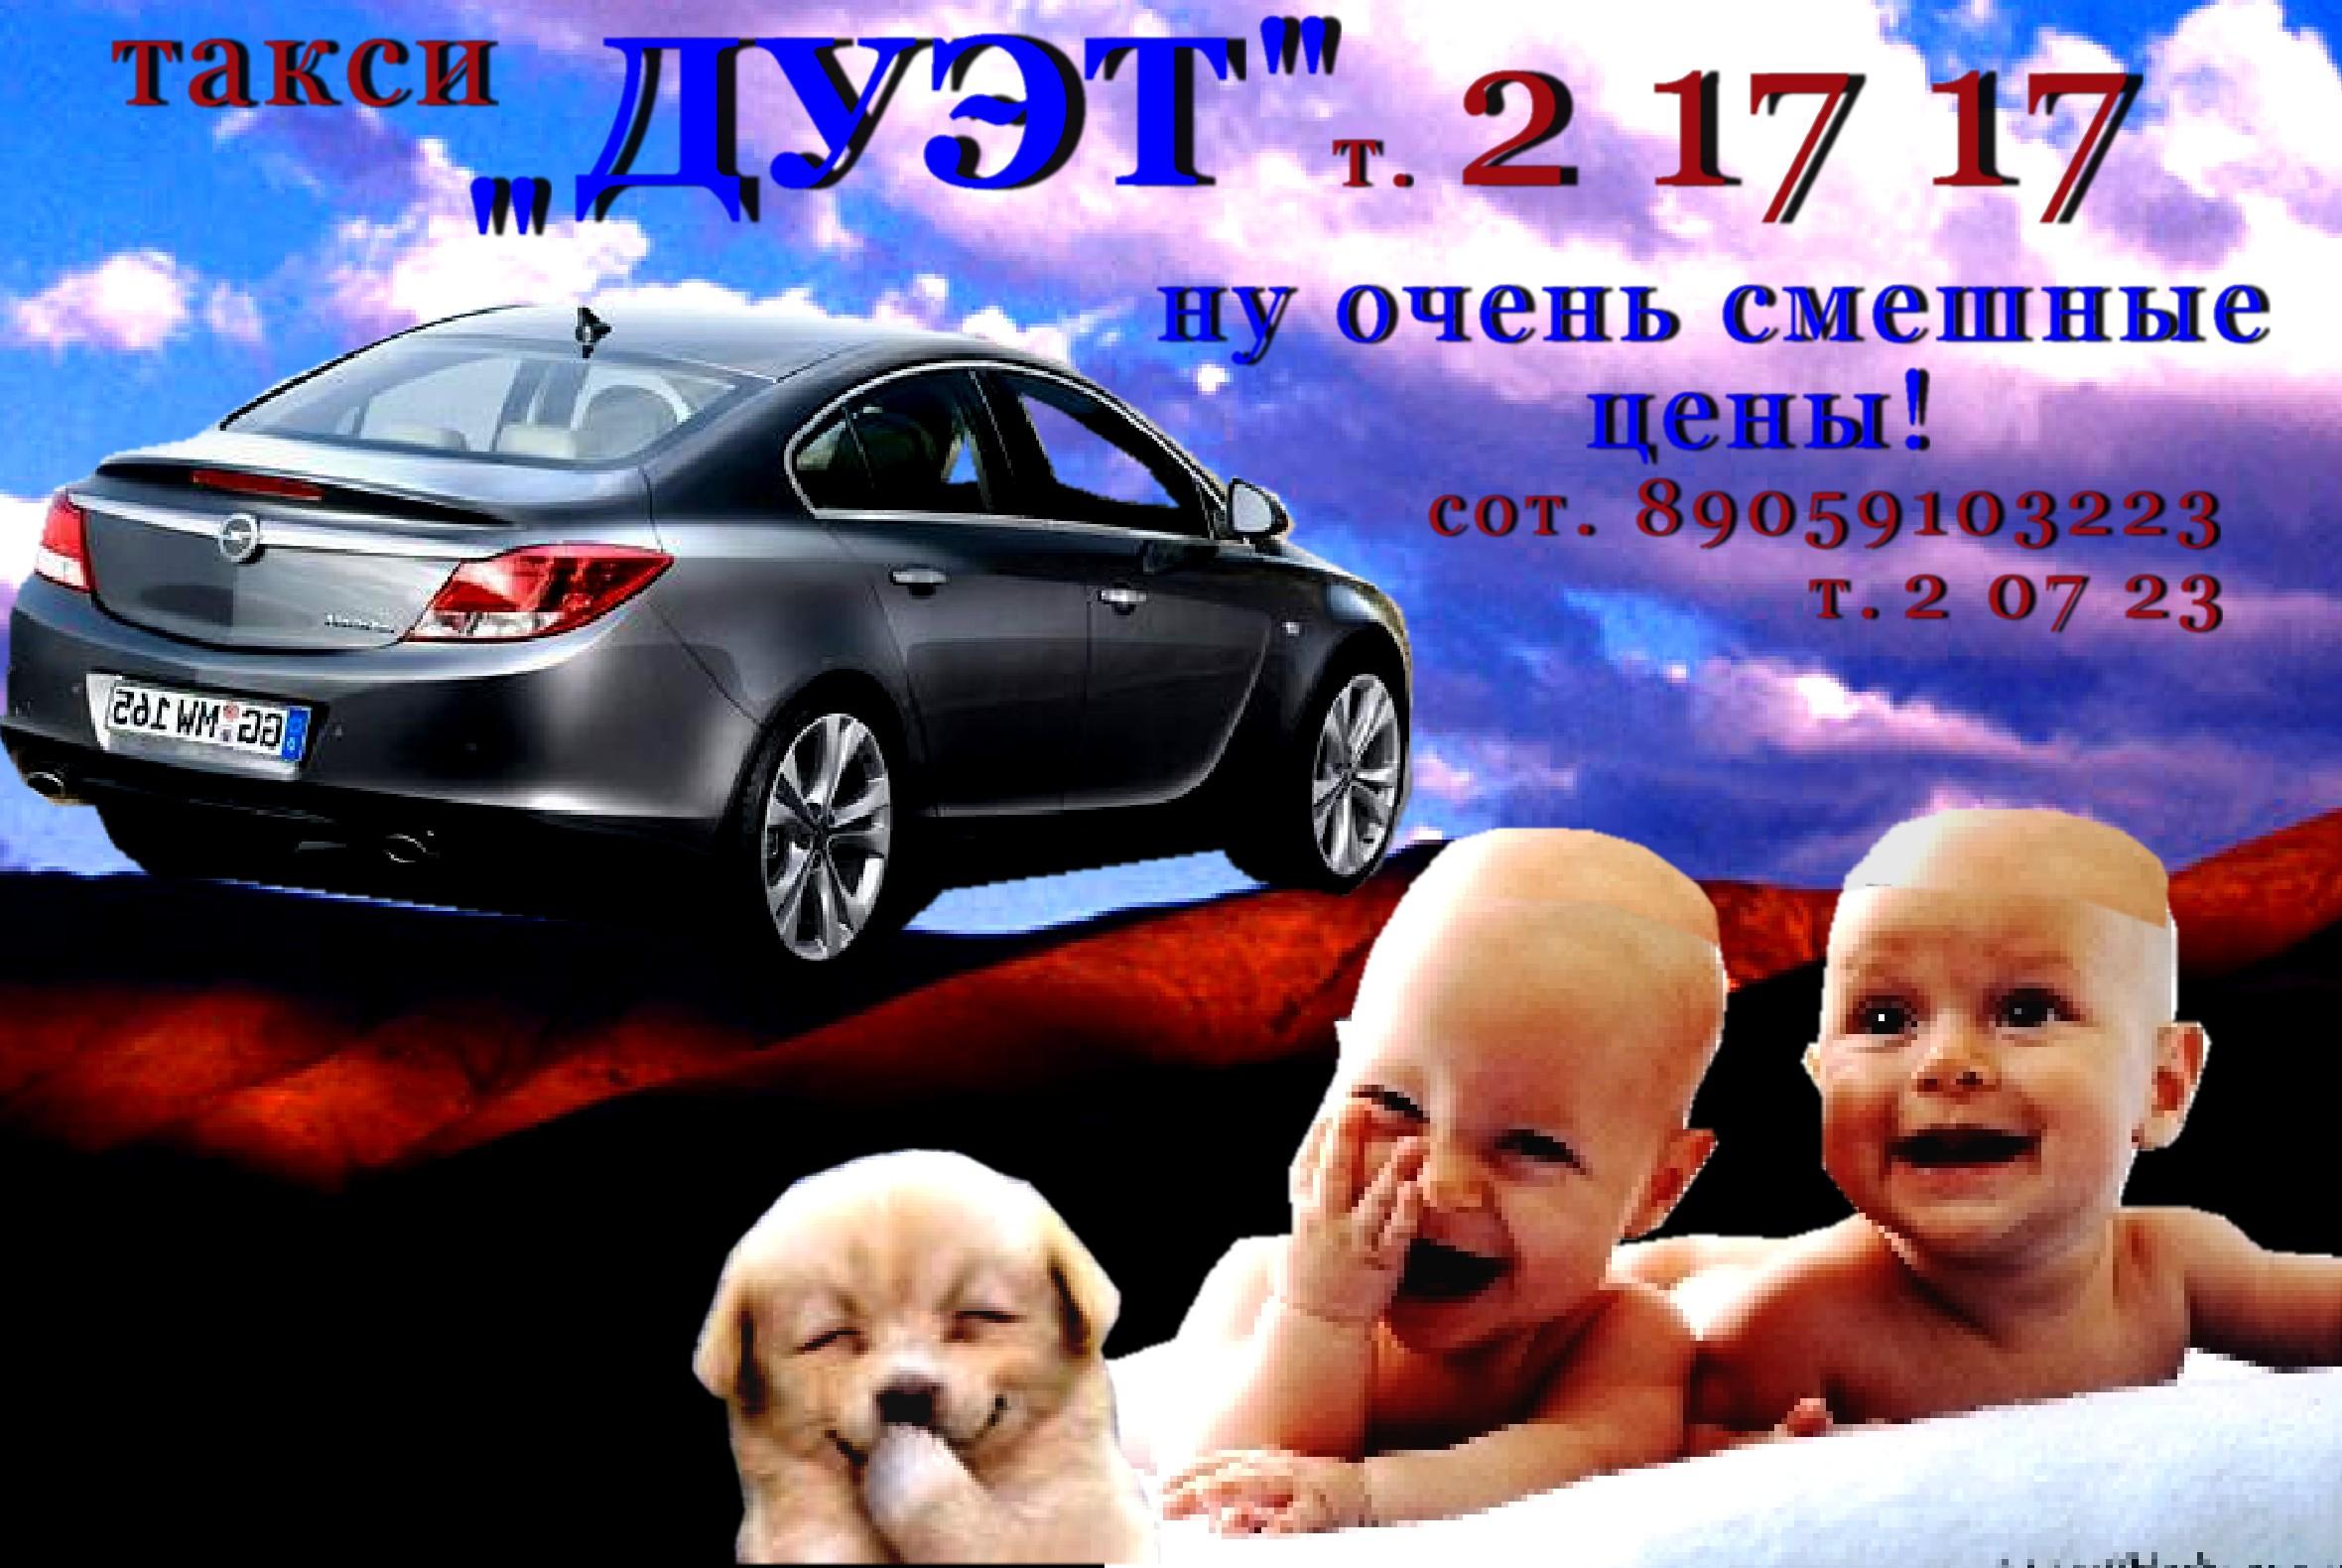 Наше такси ДУЭТ самое лучшее в Киселевске.